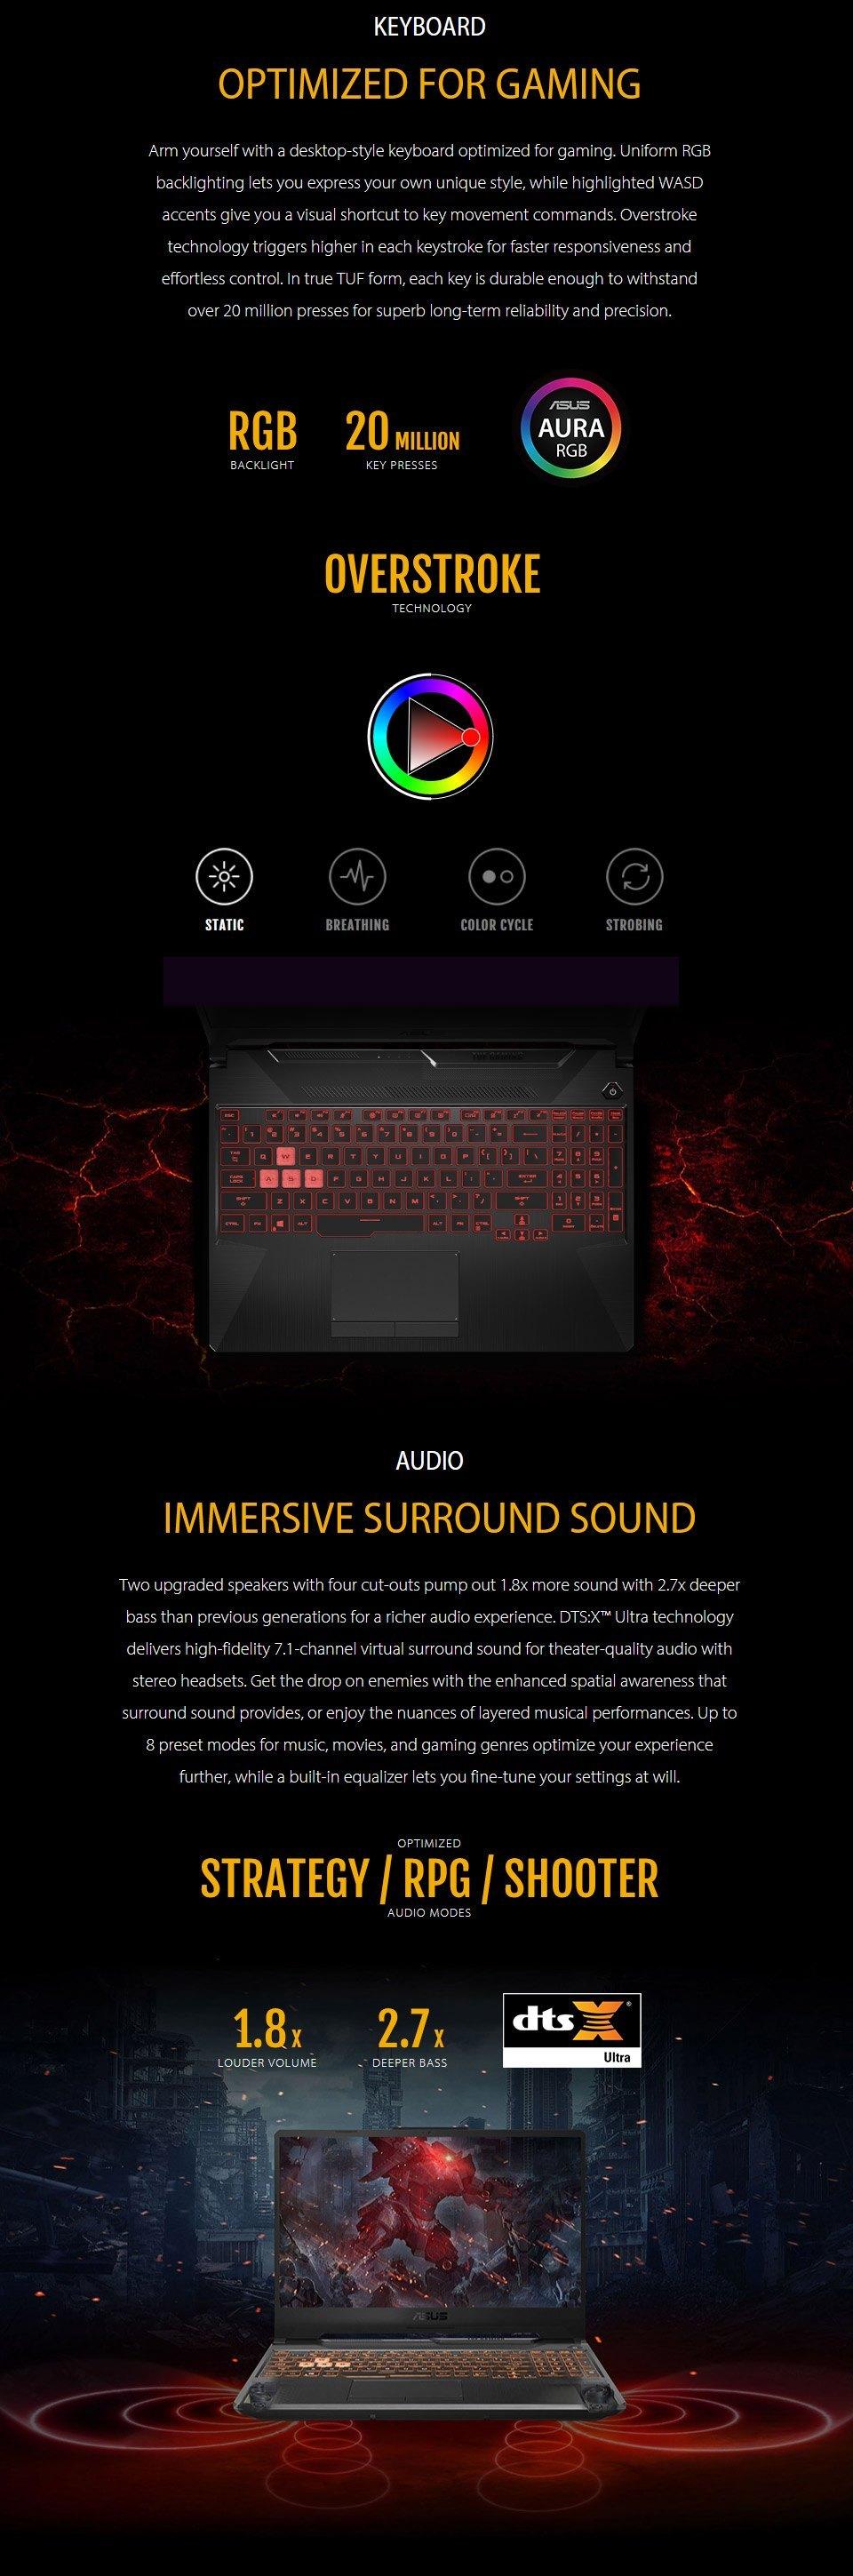 ASUS TUF AMD Ryzen 7 GeForce GTX 1660 Ti 15.6in 144Hz Notebook features 4